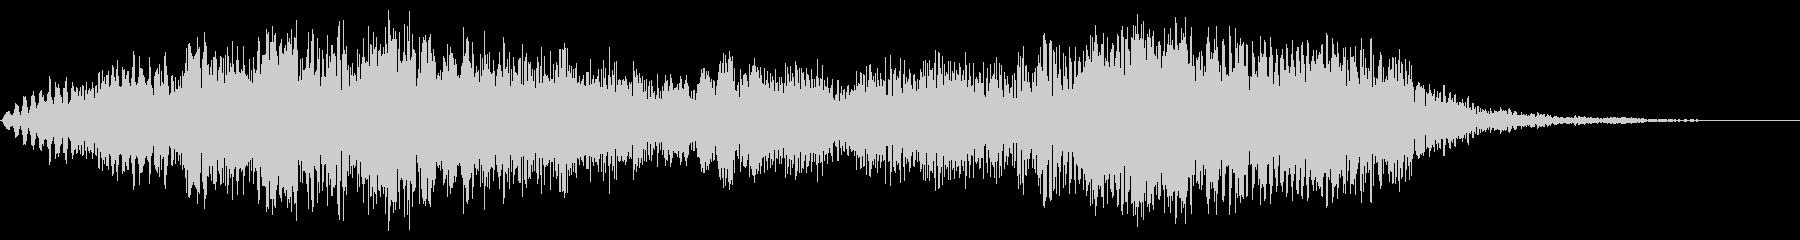 ルルルルルールルルル(なだらかな抑揚)の未再生の波形